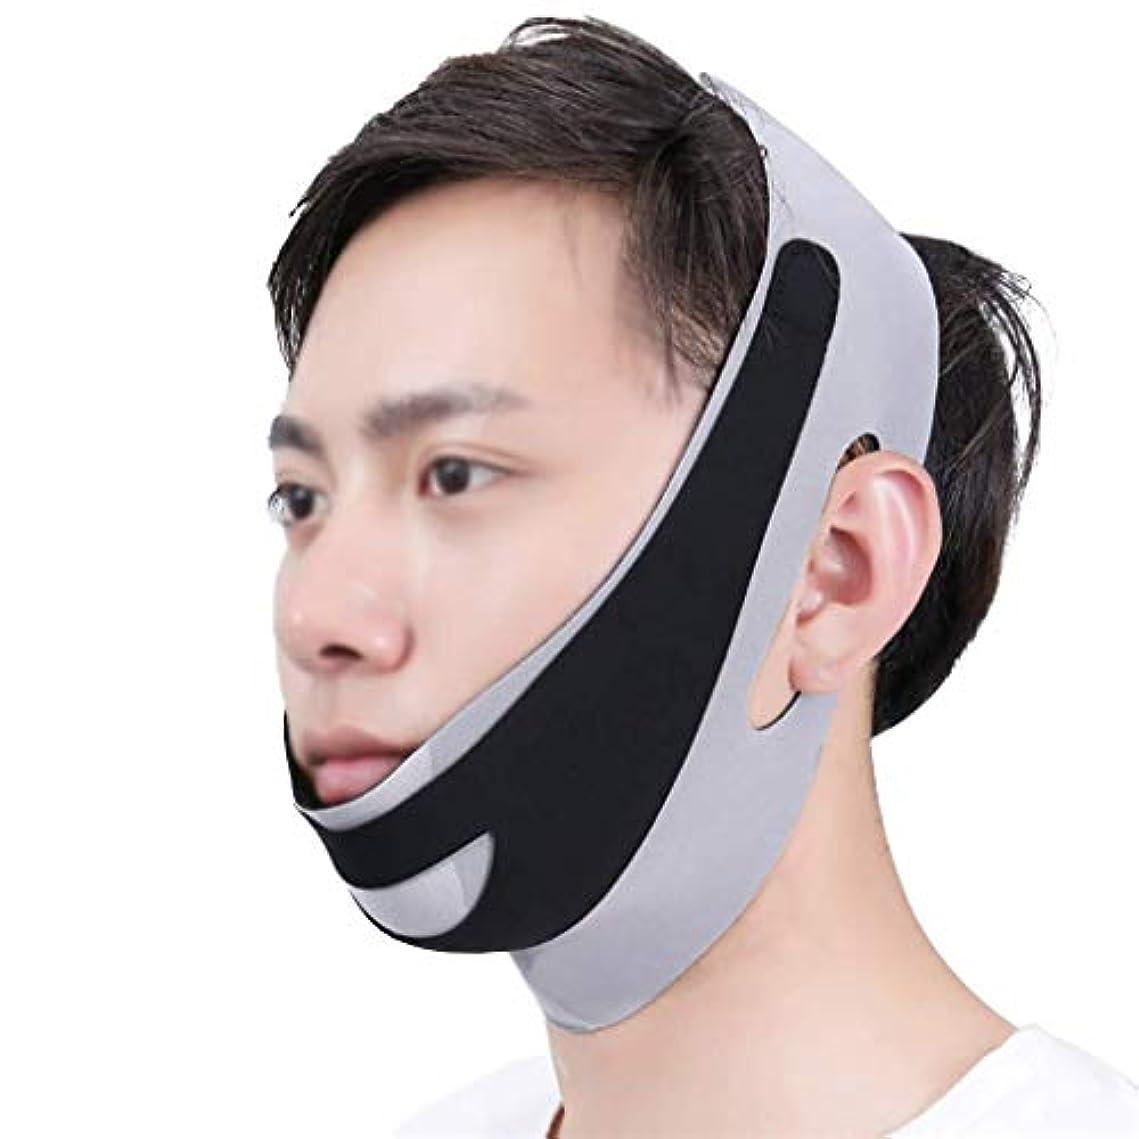 抑圧する関数変化するフェイスアンドネックリフト術後弾性フェイスマスク小さなV顔アーティファクト薄い顔包帯アーティファクトV顔ぶら下げ耳リフティング引き締め男性の顔アーティファクト